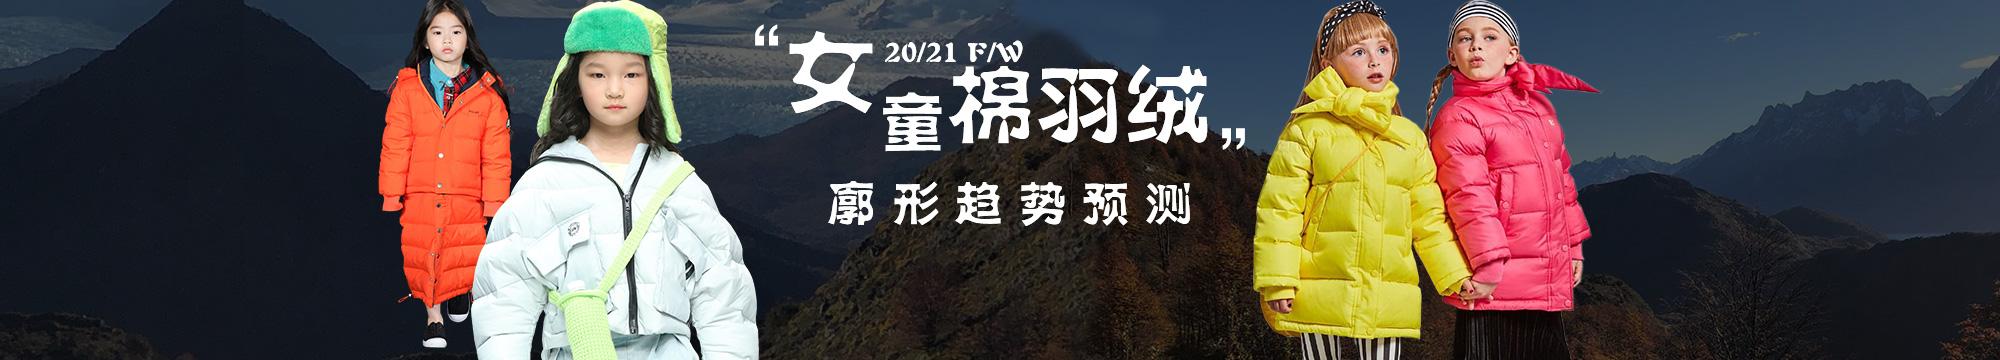 20/21秋冬女童棉羽绒廓形趋势预测